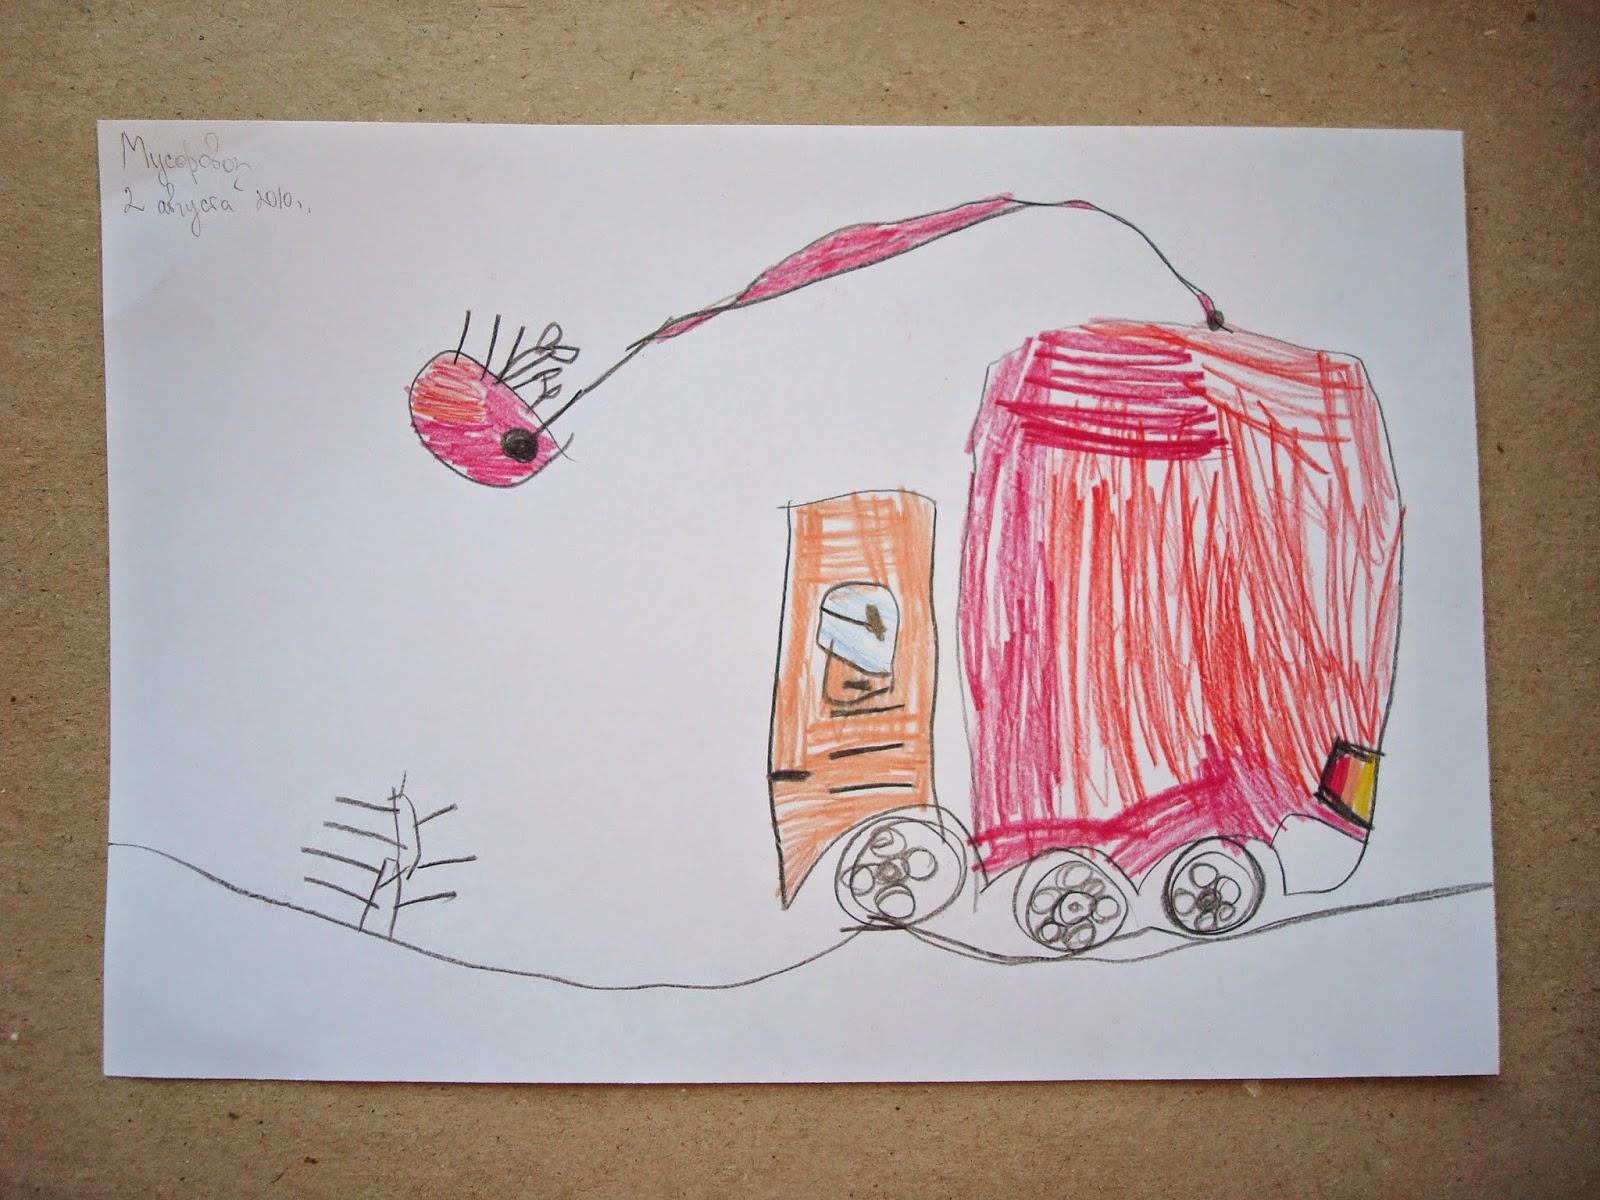 Картинки нарисованные карандашом - нарисованные картинки про любовь